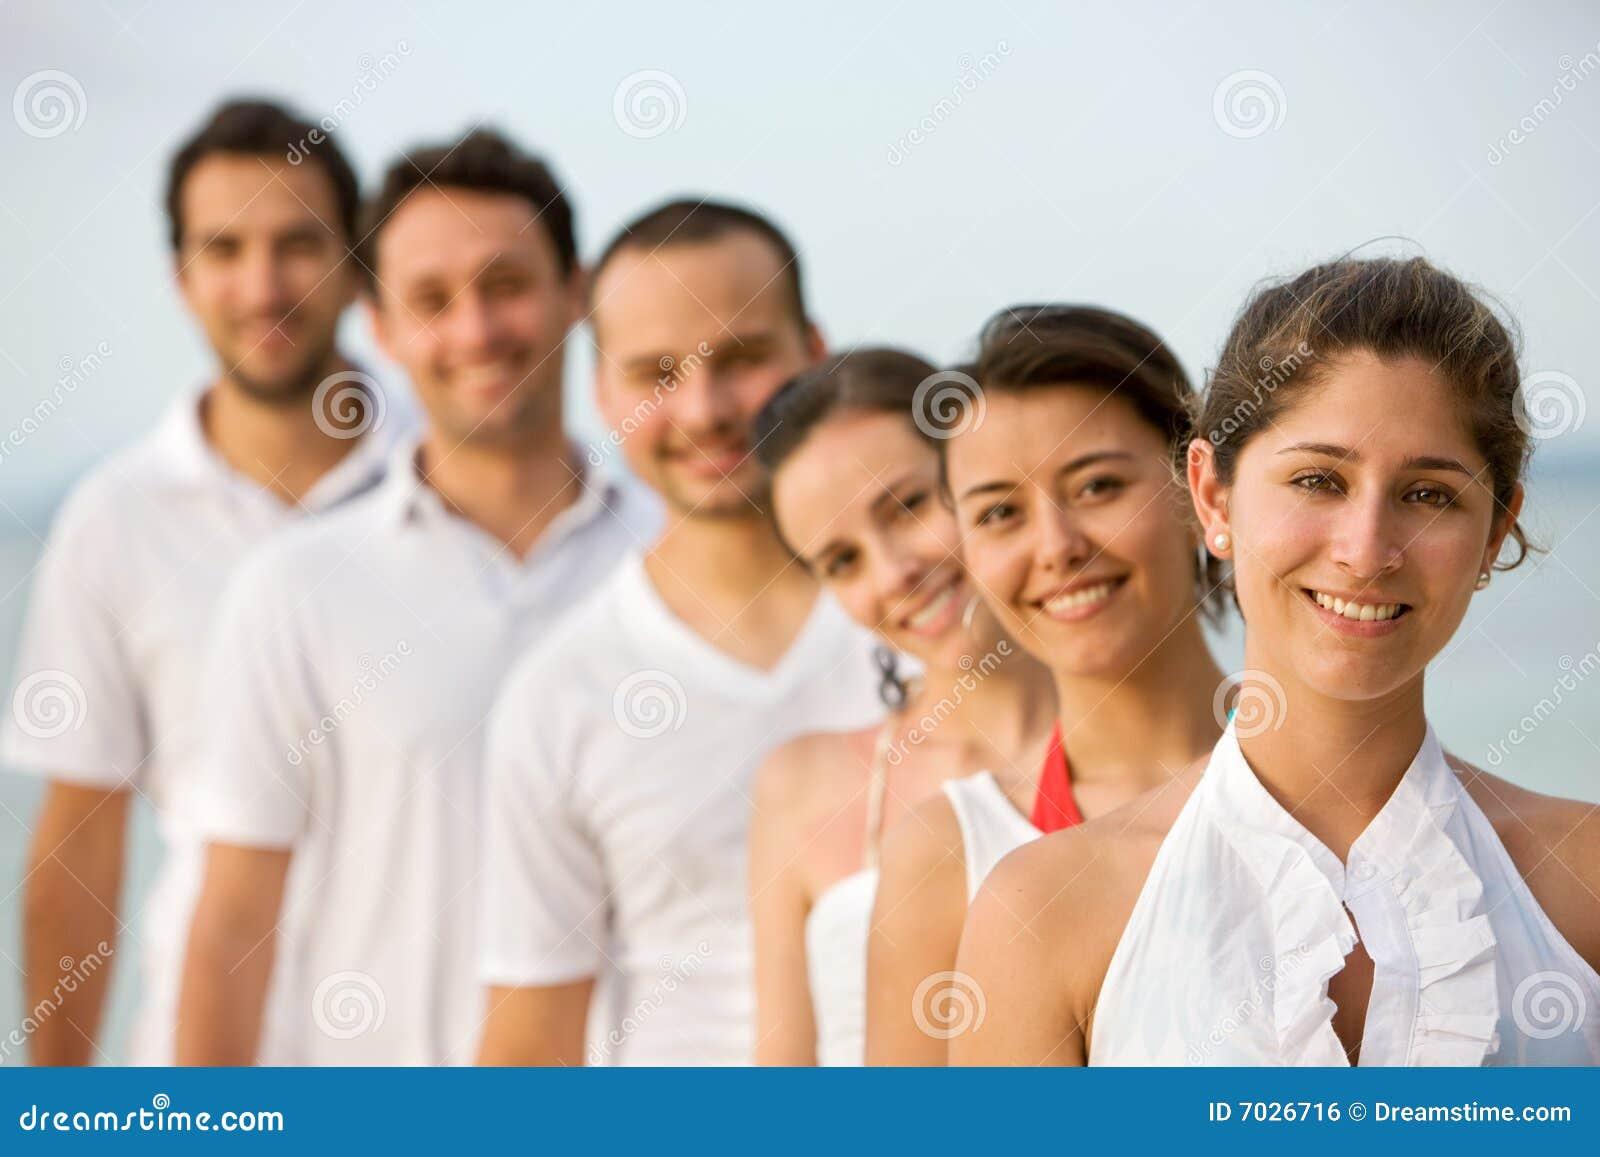 Счастливый парень с тремя девушками 5 фотография